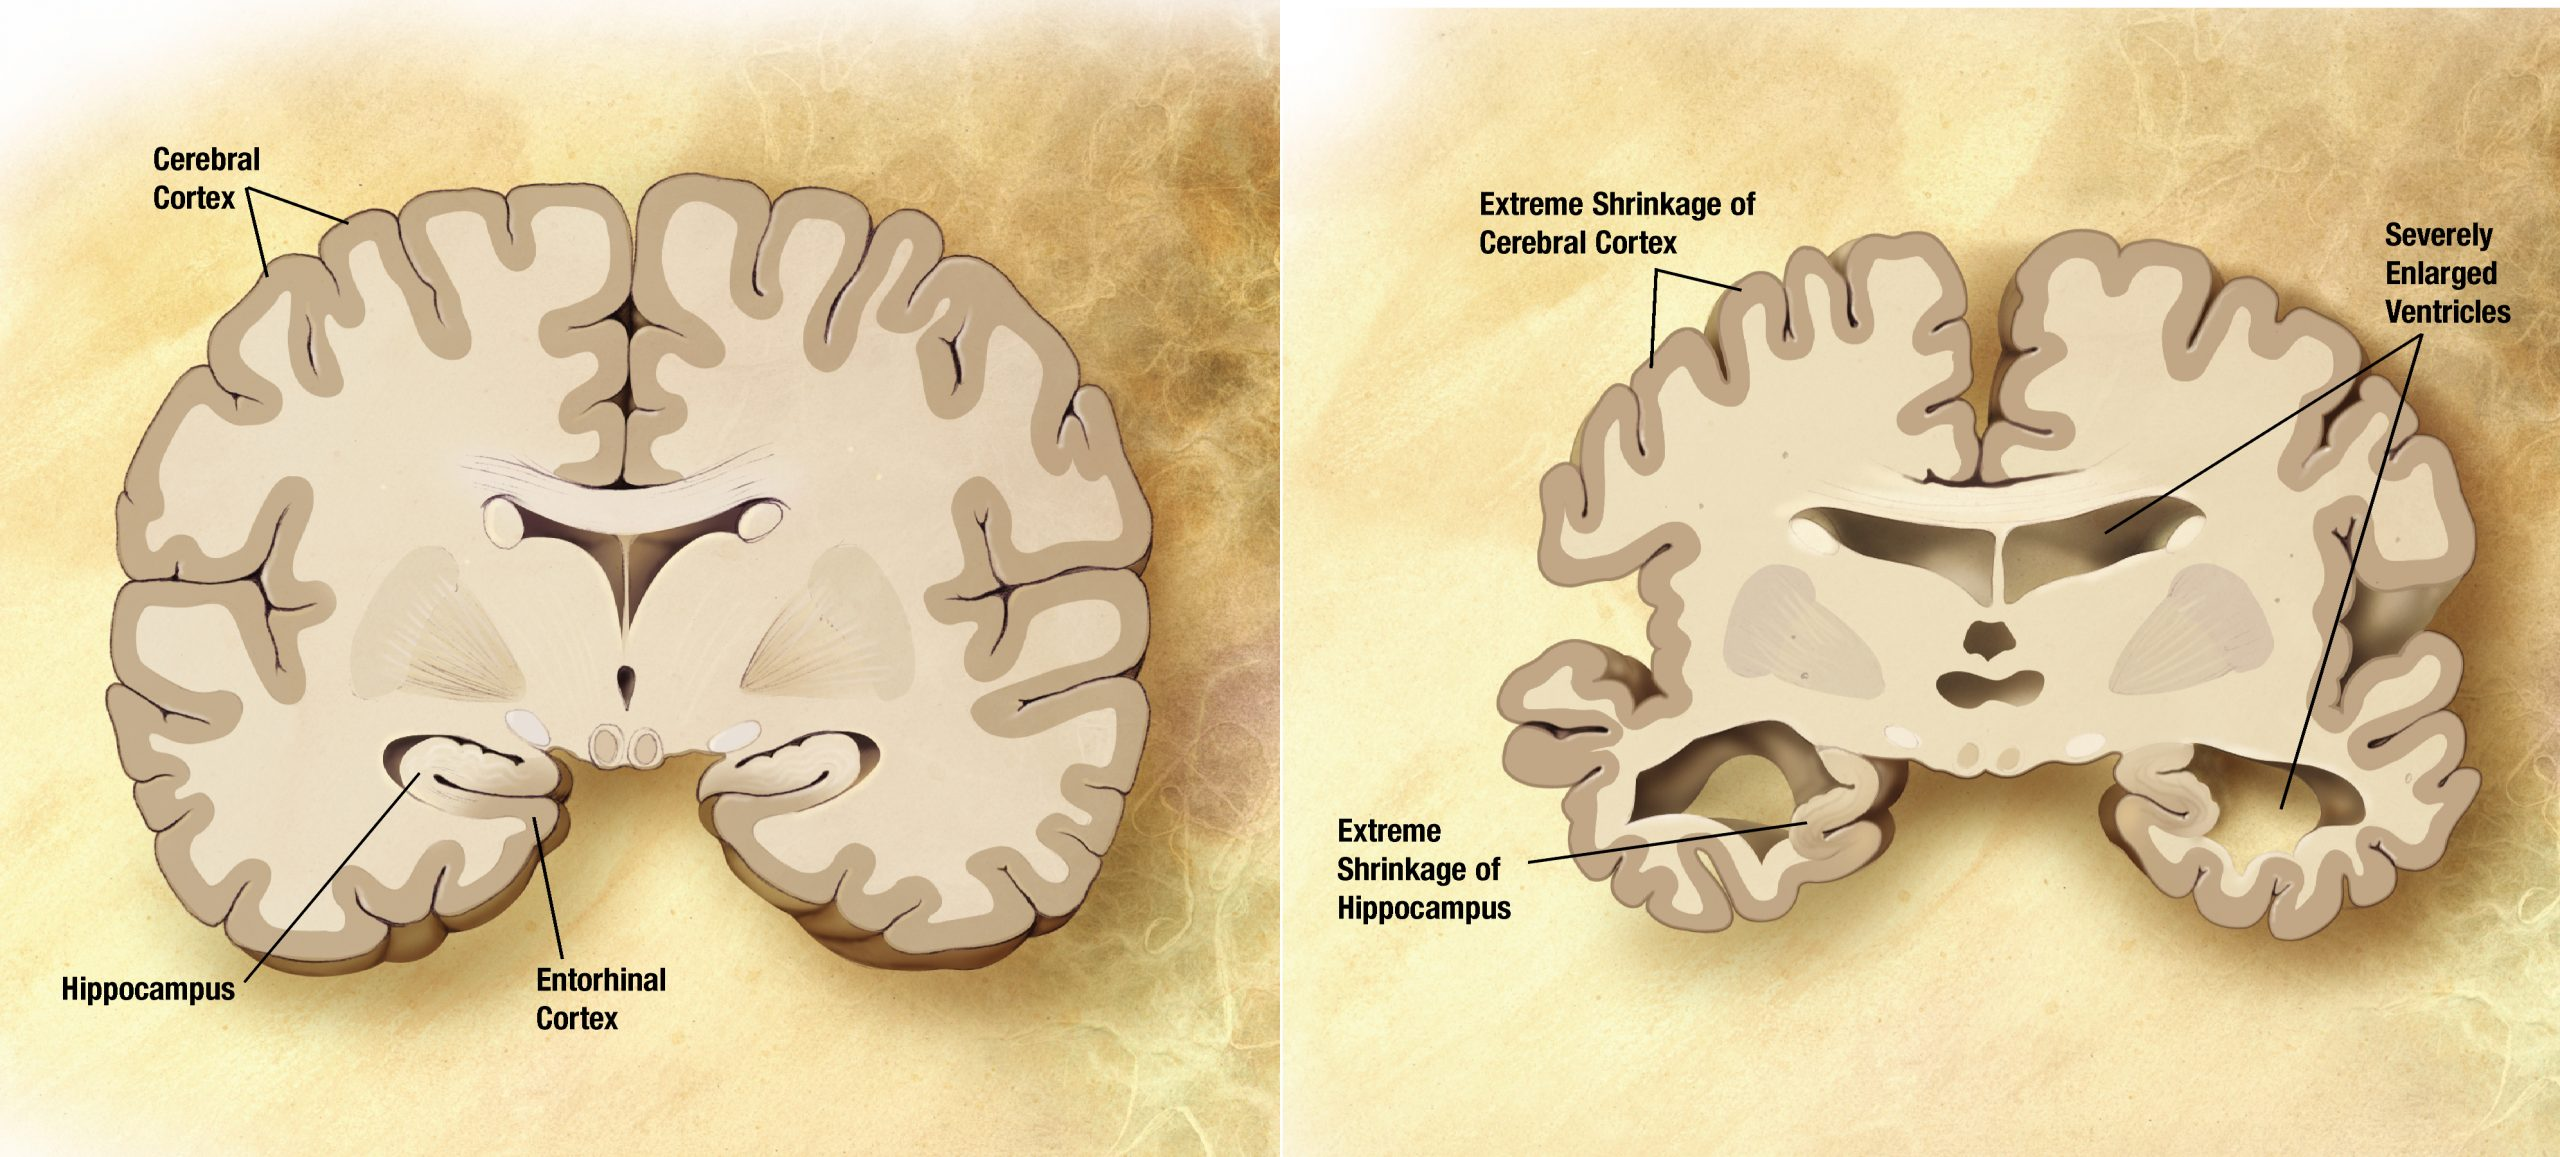 Pesquisa Farmacêutica para diagnosticar Alzheimer pela saliva avança.